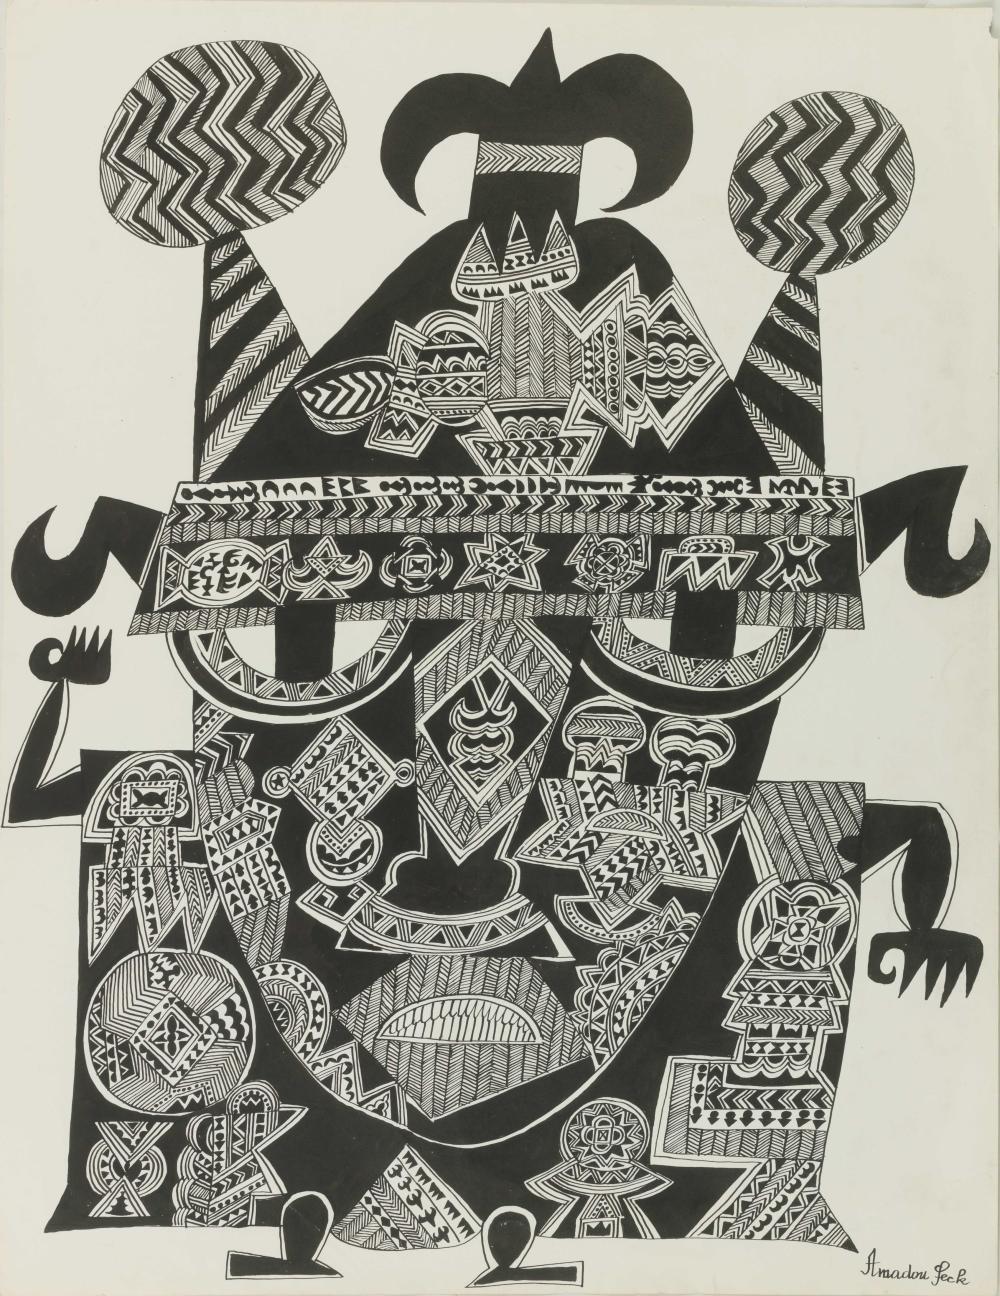 Amadou SECK né en 1950 - Sénégal Dignitaire II, circa 1975-1980 Encre de Chine sur papier